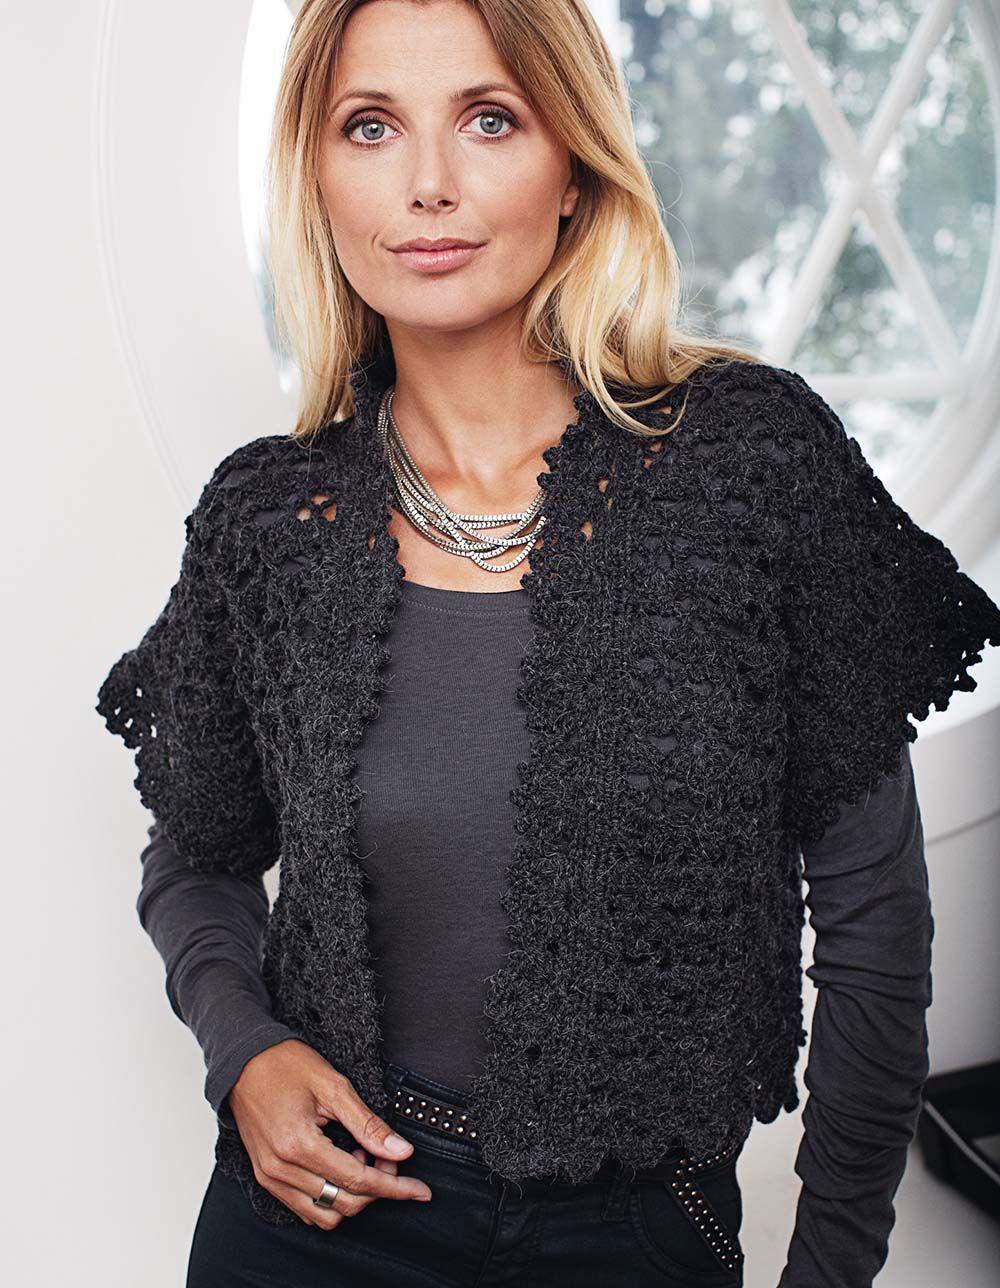 Кружевной жилет   вязание крючком   Pinterest   Chaleco crochet ...